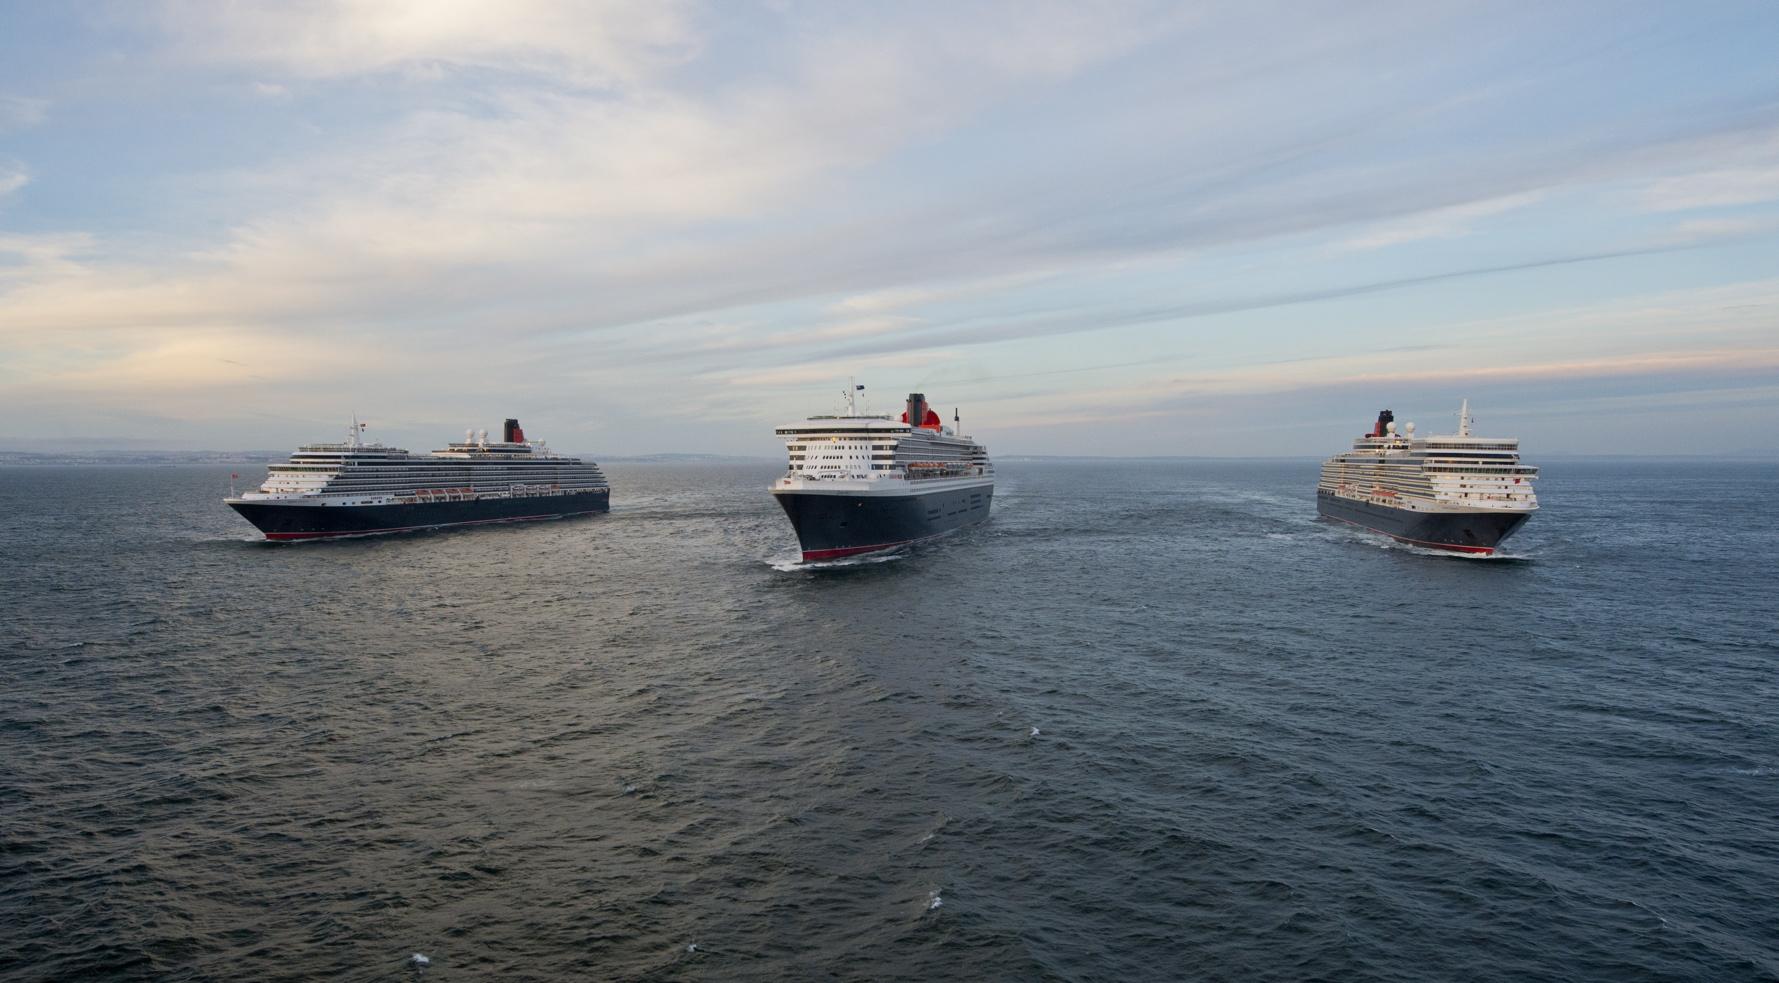 Im frisch erschienenen Cunard-Katalog 2020/2021 finden sich neue, spannende Häfen: Hualien auf Taiwan, das zu Okinawa gehörende Miyako-jima und das neuseeländische New Plymouth